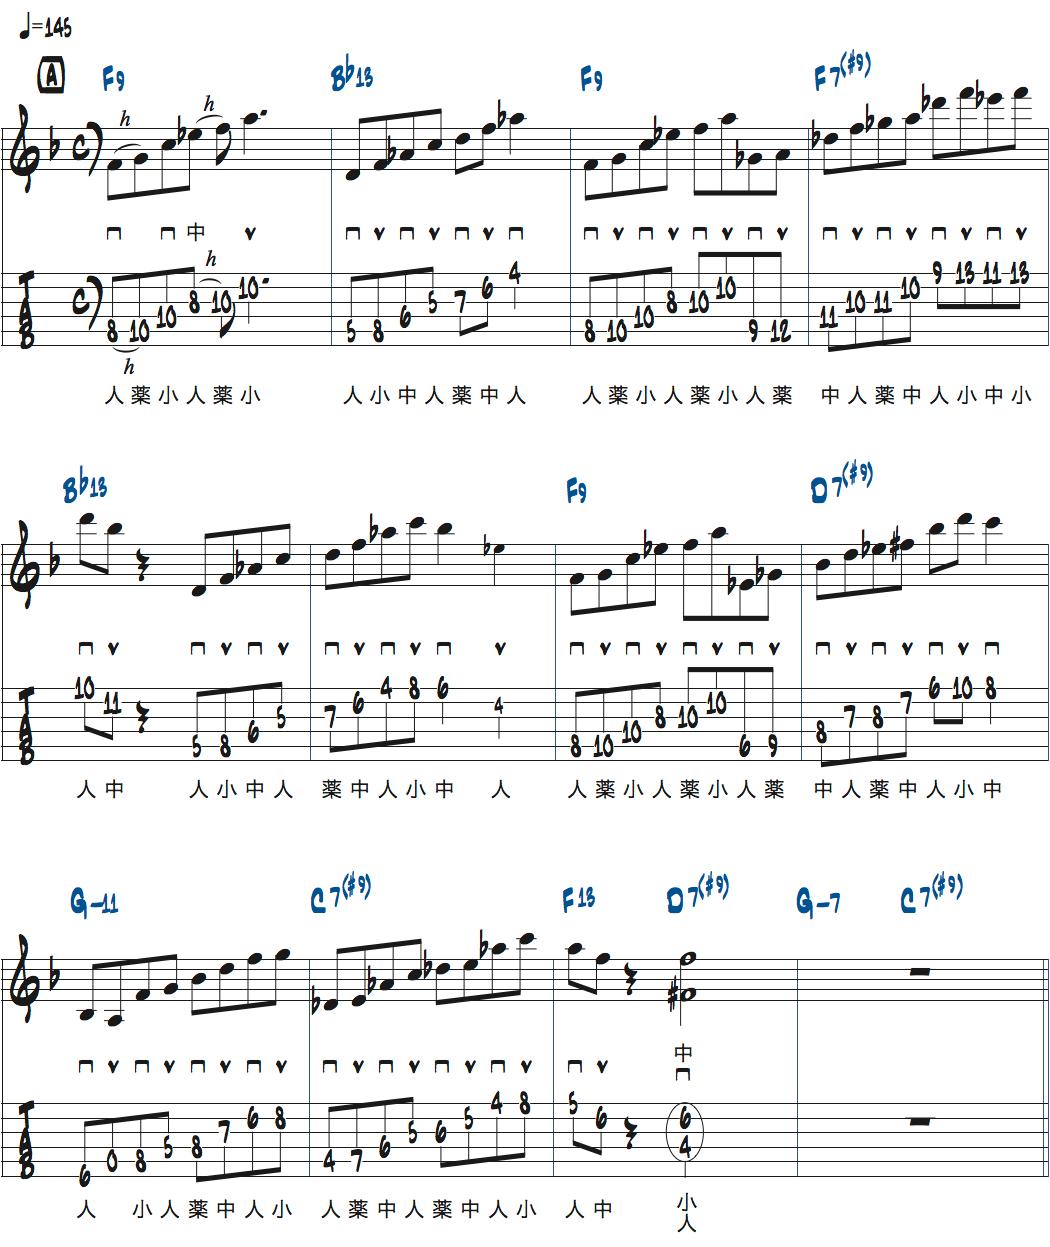 ティム・ミラーのハイブリッド・ピッキングを使ったブルースでのアドリブ1コラース目楽譜